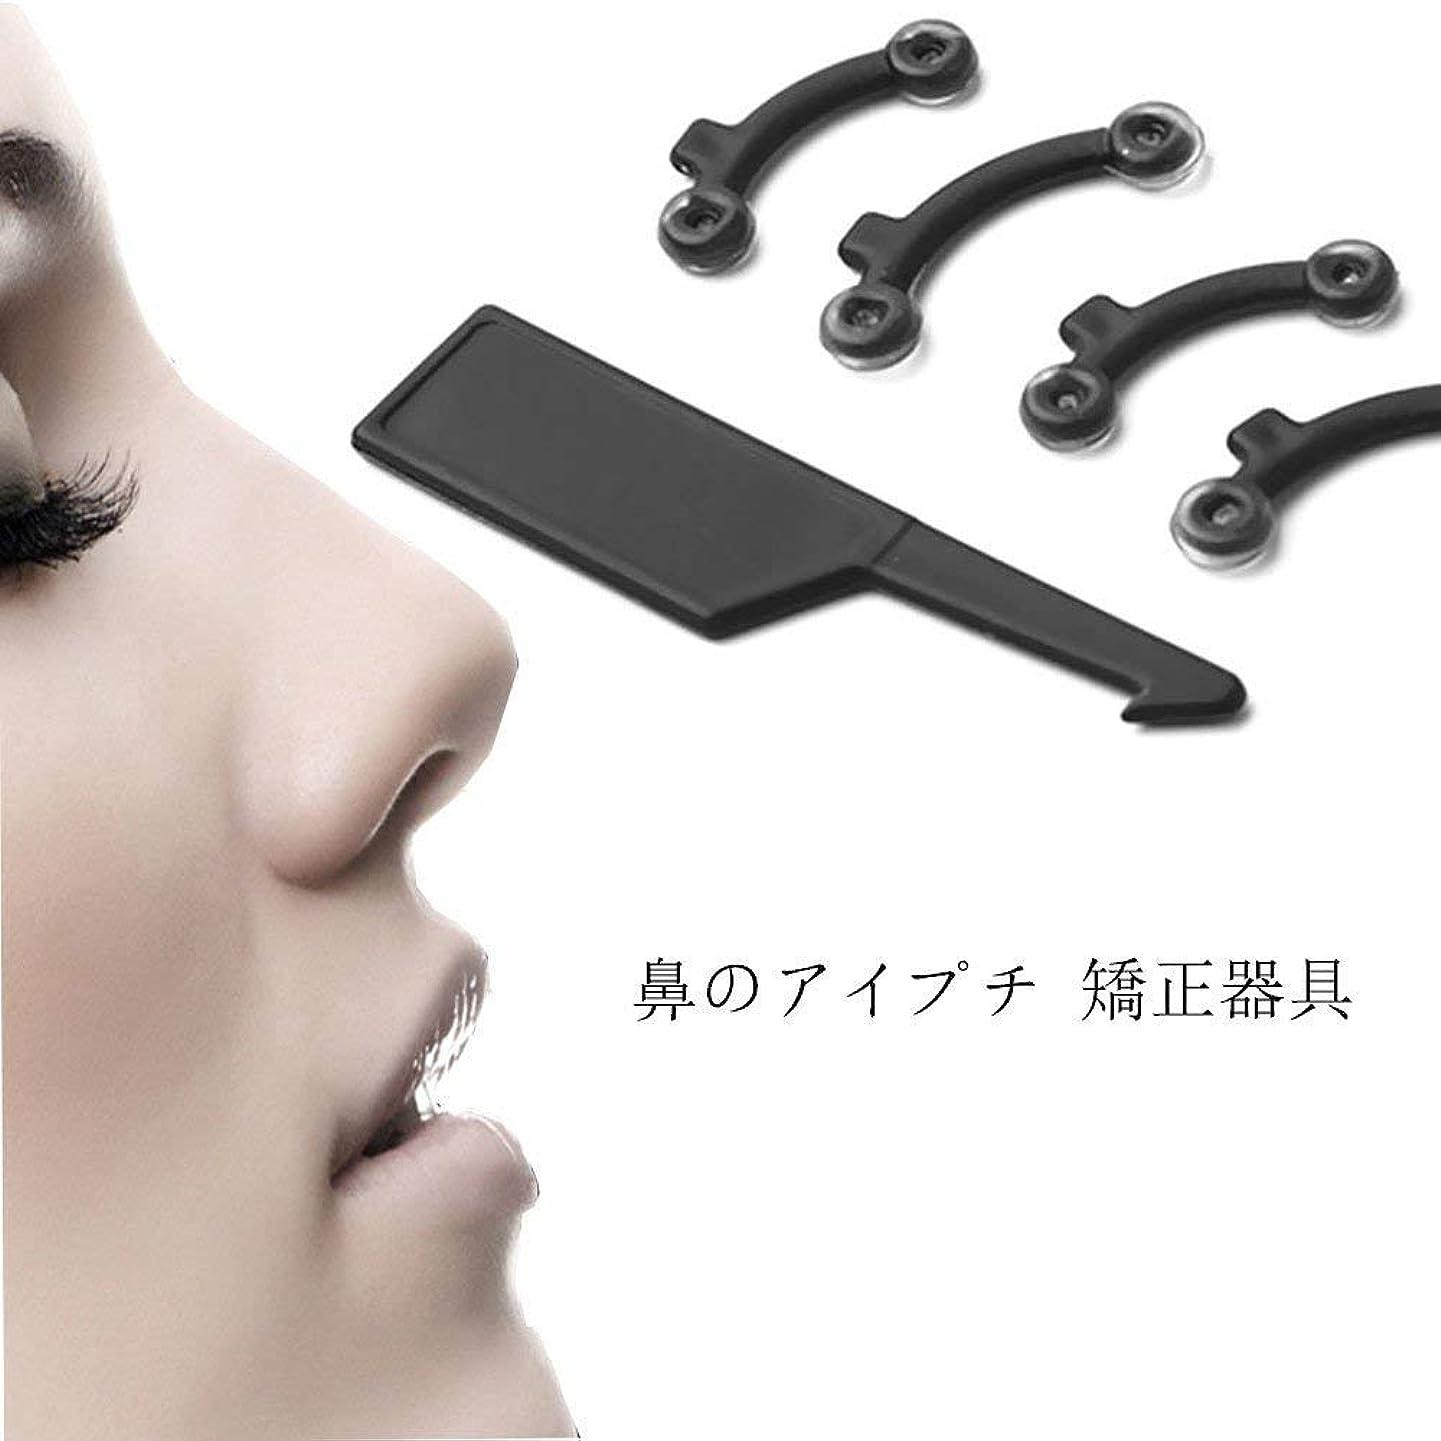 弾力性のある母音土器Tyou 鼻プチ 鼻パッド 柔軟性高く 痛くない 医療用シリコン使用 鼻のアイプチ 矯正プチ 整形せず